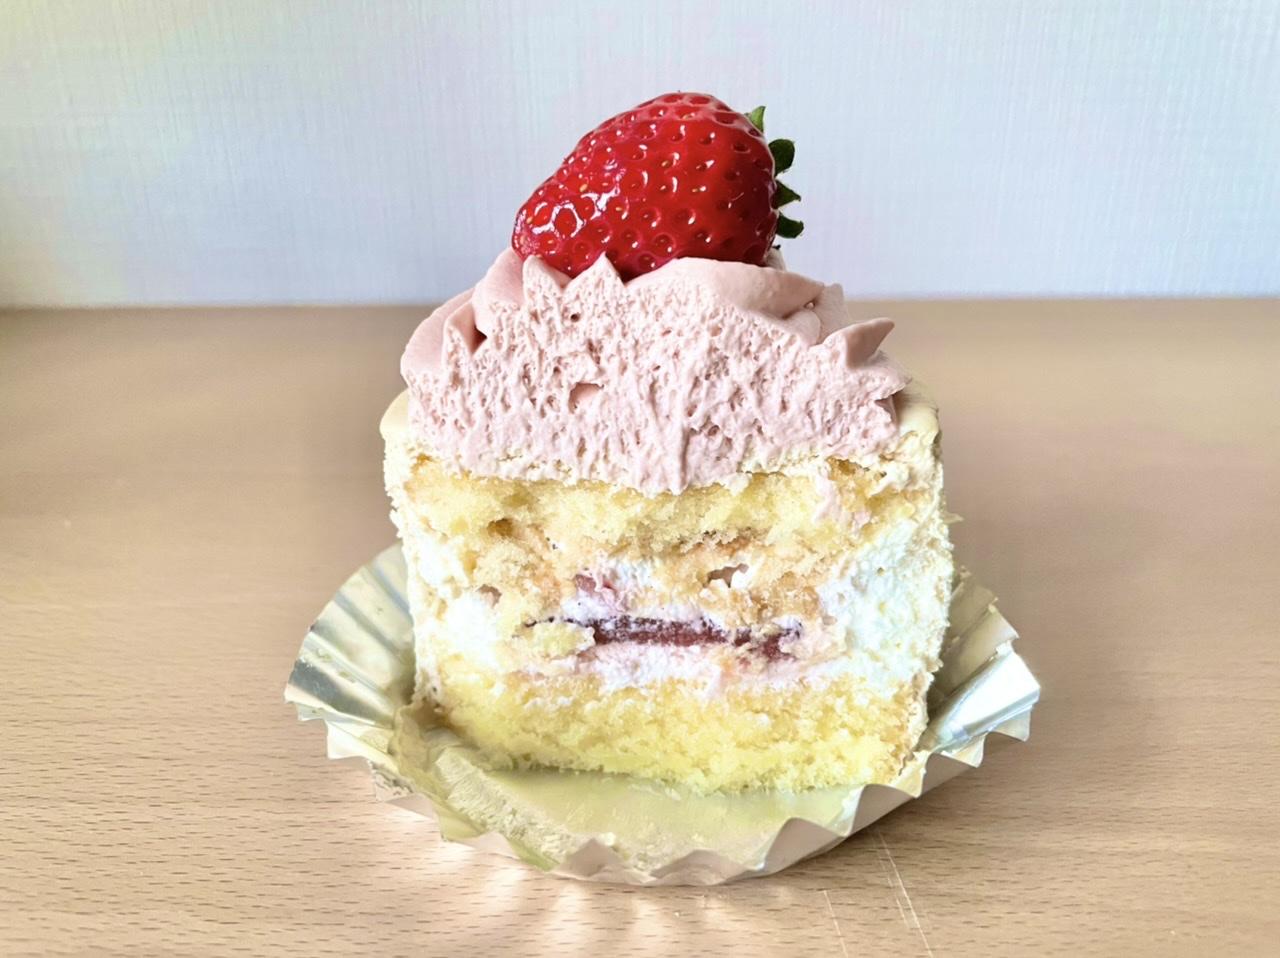 【おすすめいちごスイーツ】《PARIYA》の「STRAWBERRY CARAMEL SHORTCAKE(ストロベリーキャラメルショートケーキ)」_2